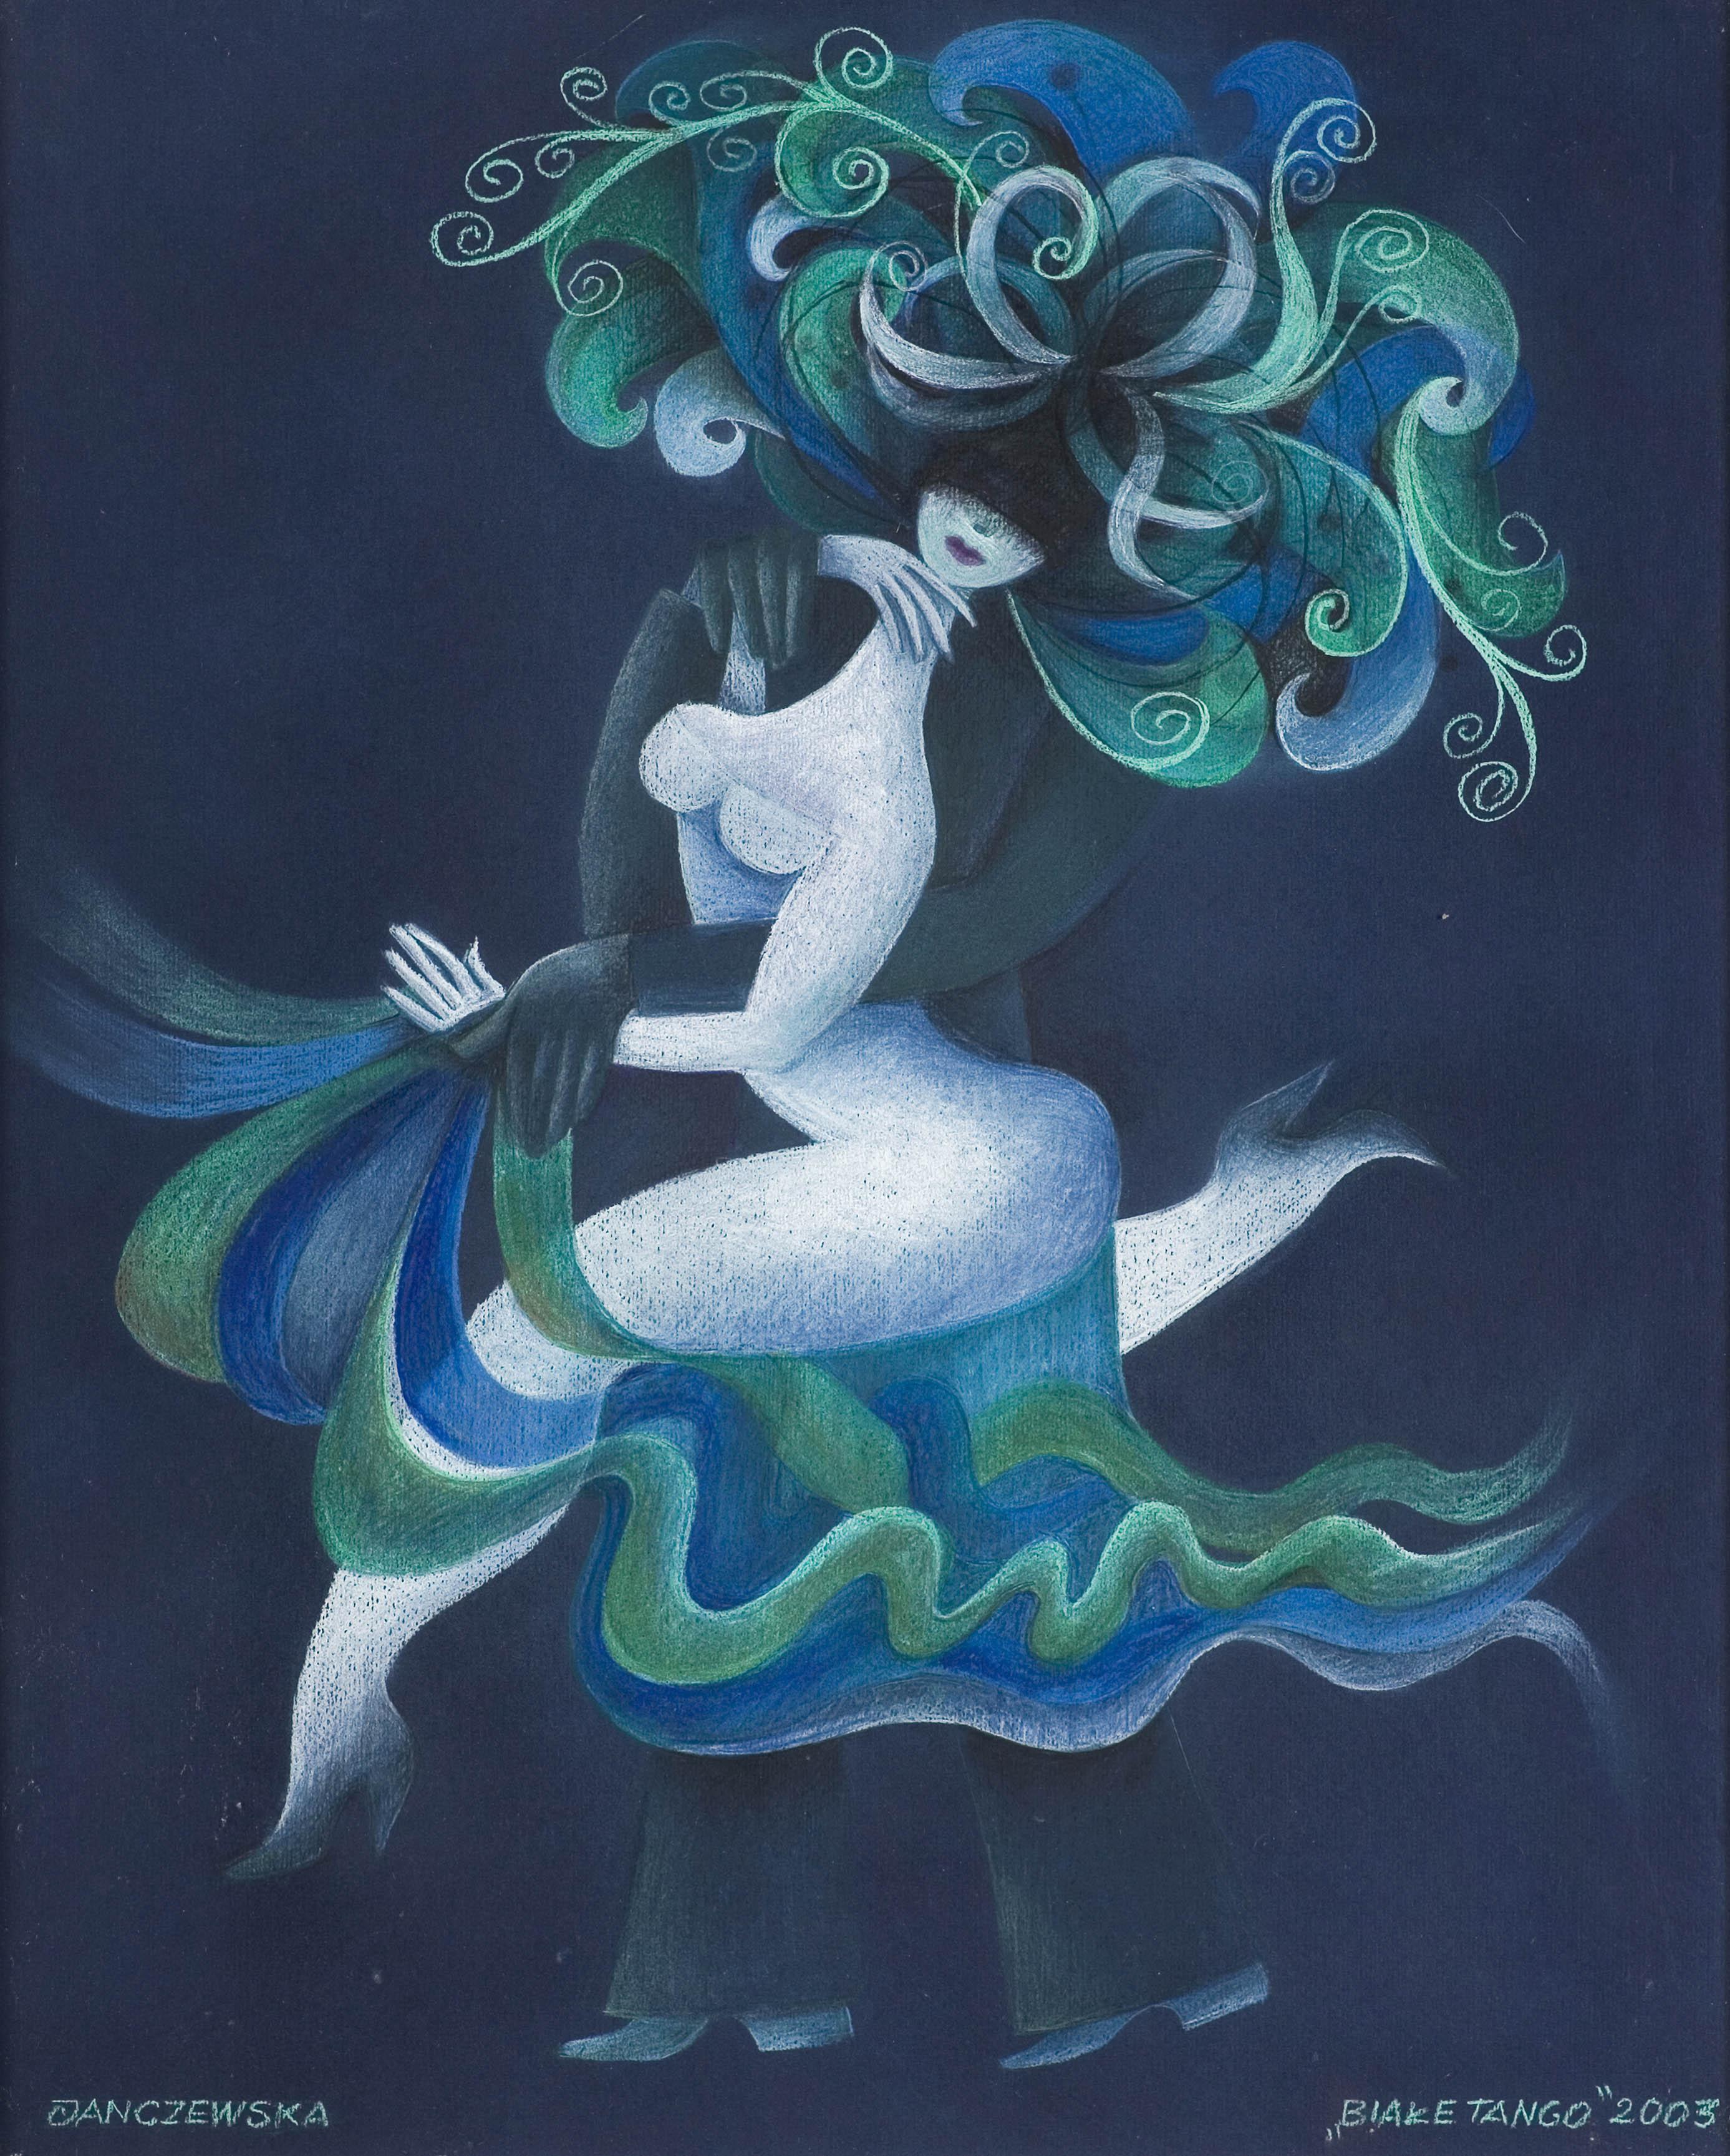 Białe tango, 2003